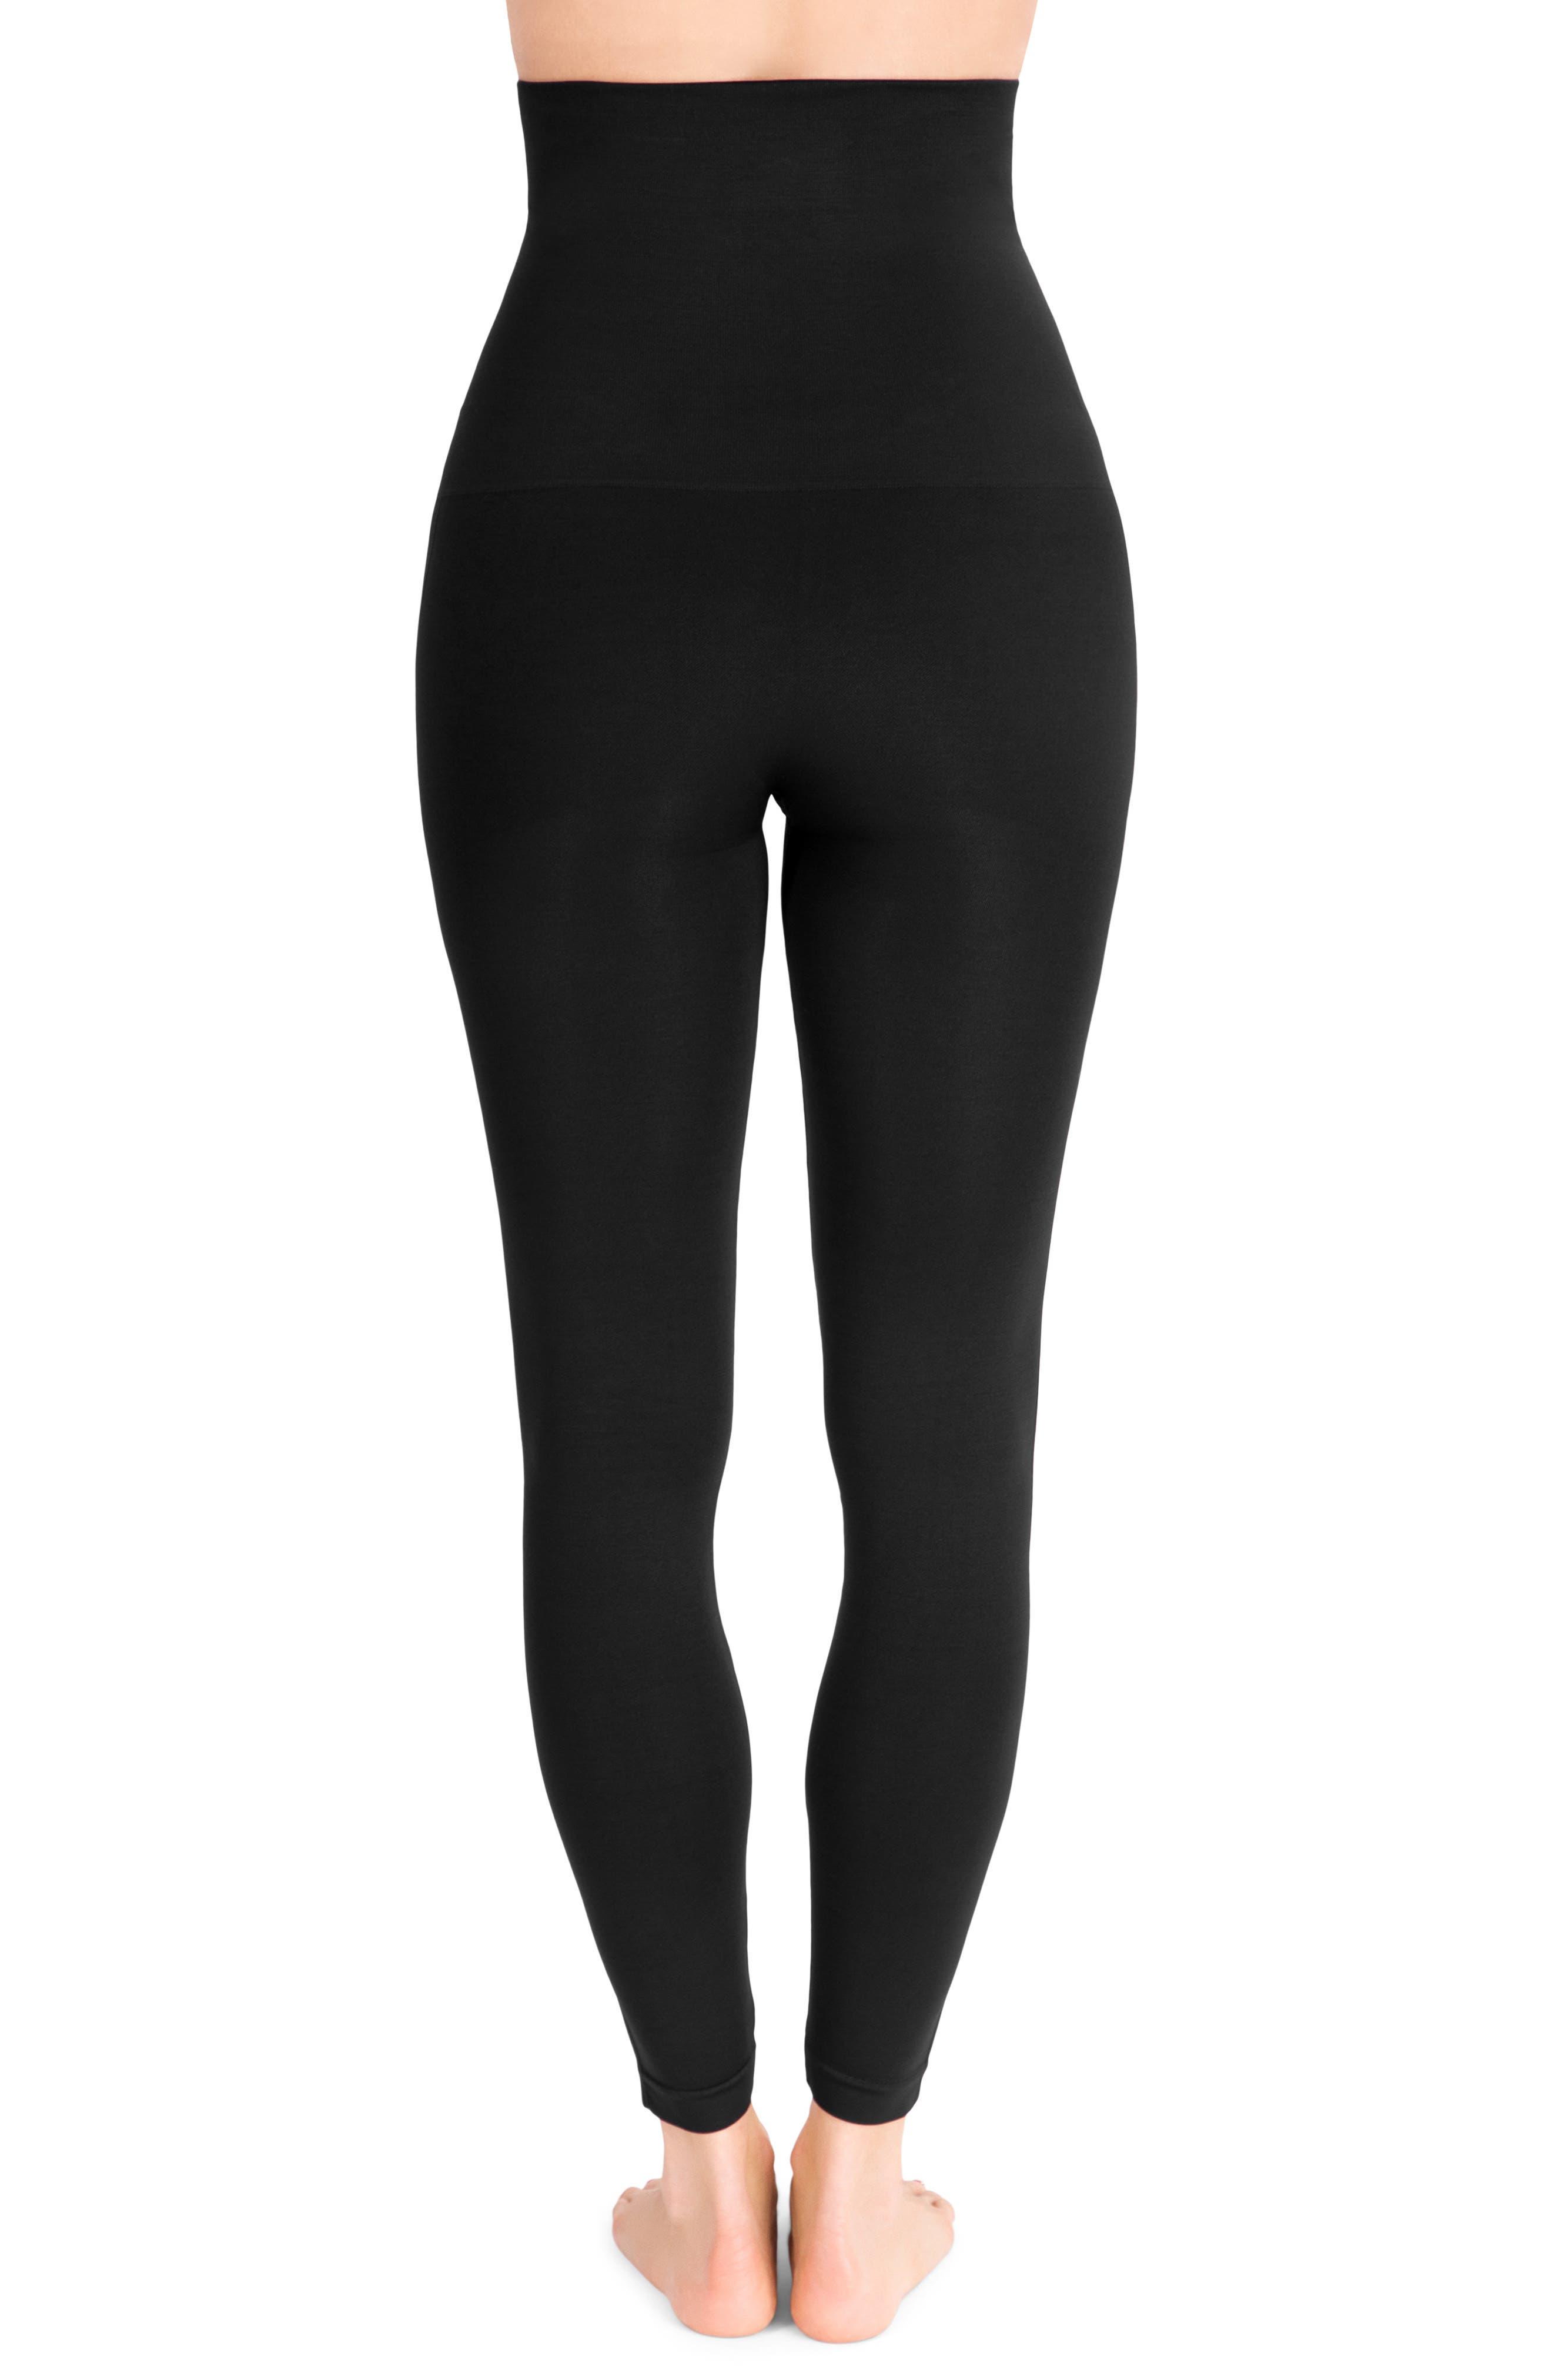 c4491136e48 Leggings for Women | Leather-Faux Leather Leggings | Nordstrom